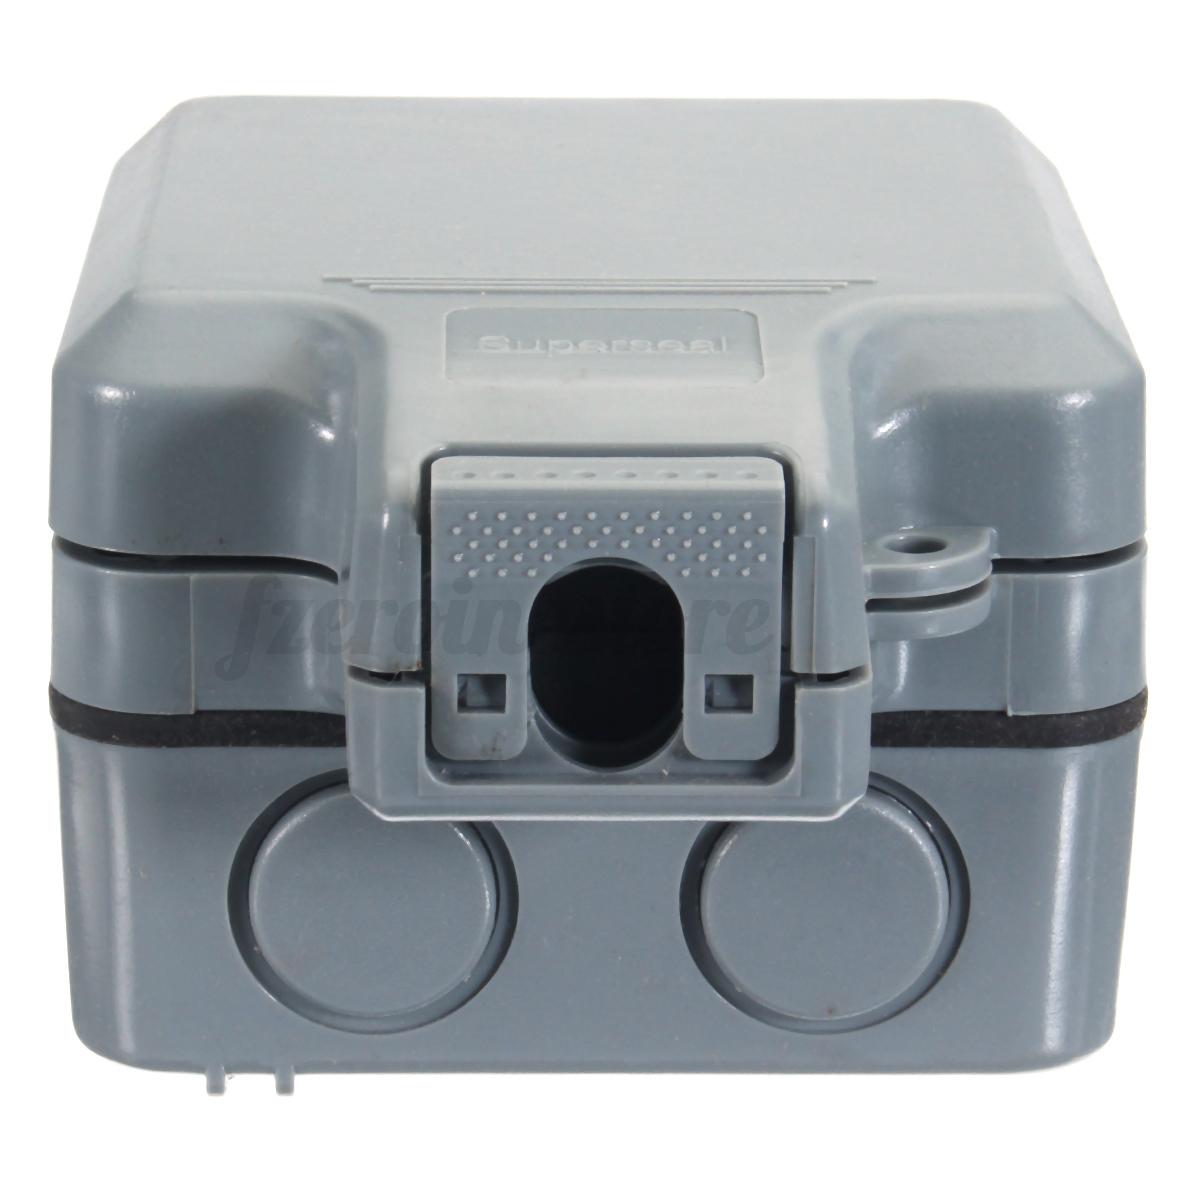 schuko aufputzsteckdose doppel schalter feuchtraum au enbereich ip65 13a 230v ebay. Black Bedroom Furniture Sets. Home Design Ideas